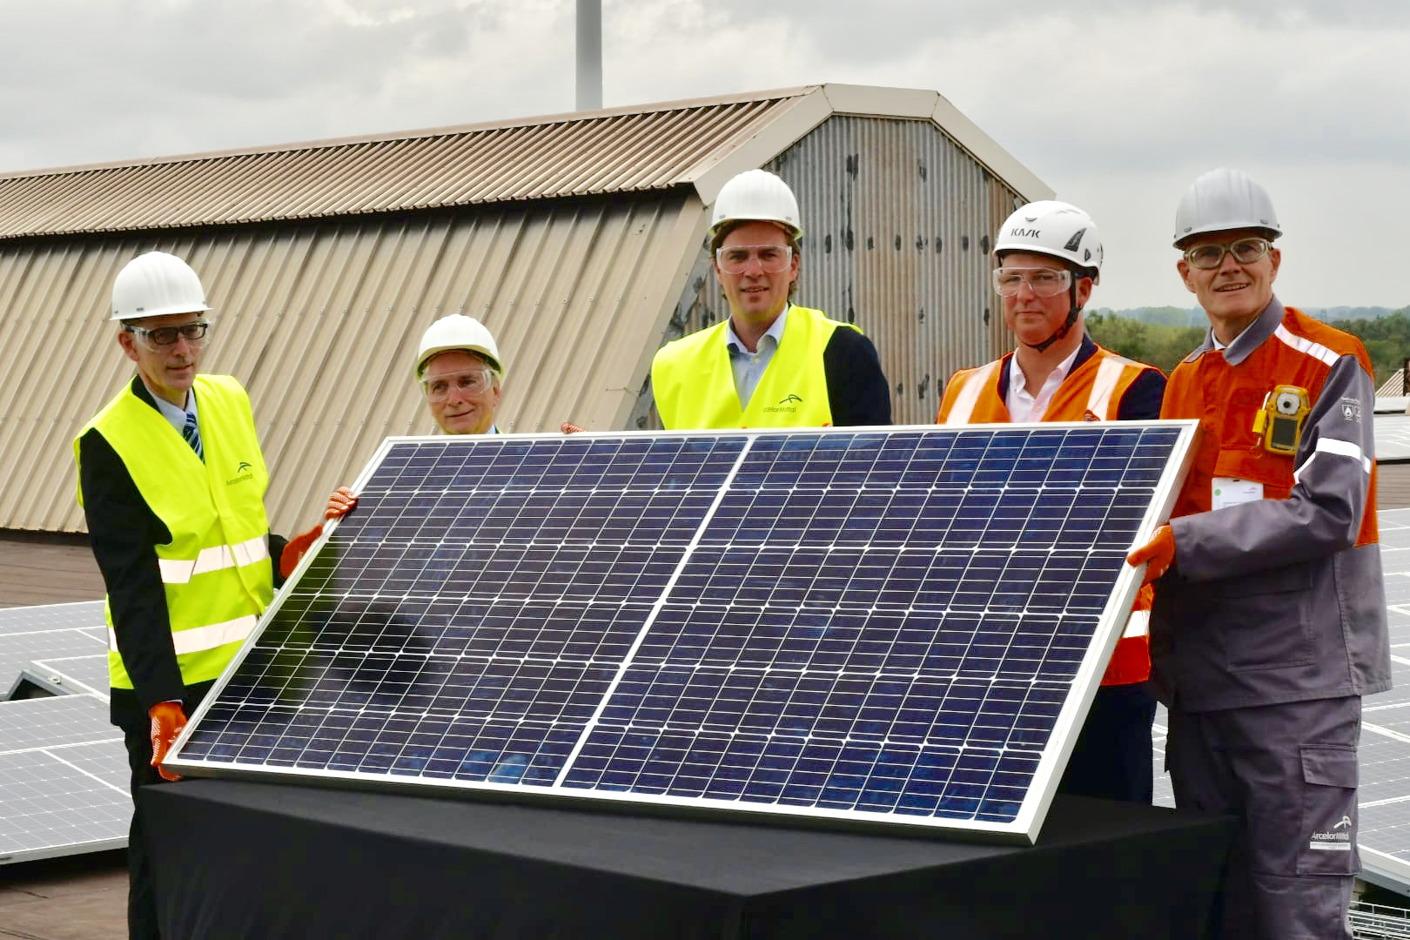 Eneco et ArcelorMittal installent la plus grande surface de panneaux solaires sur un toit en Belgique